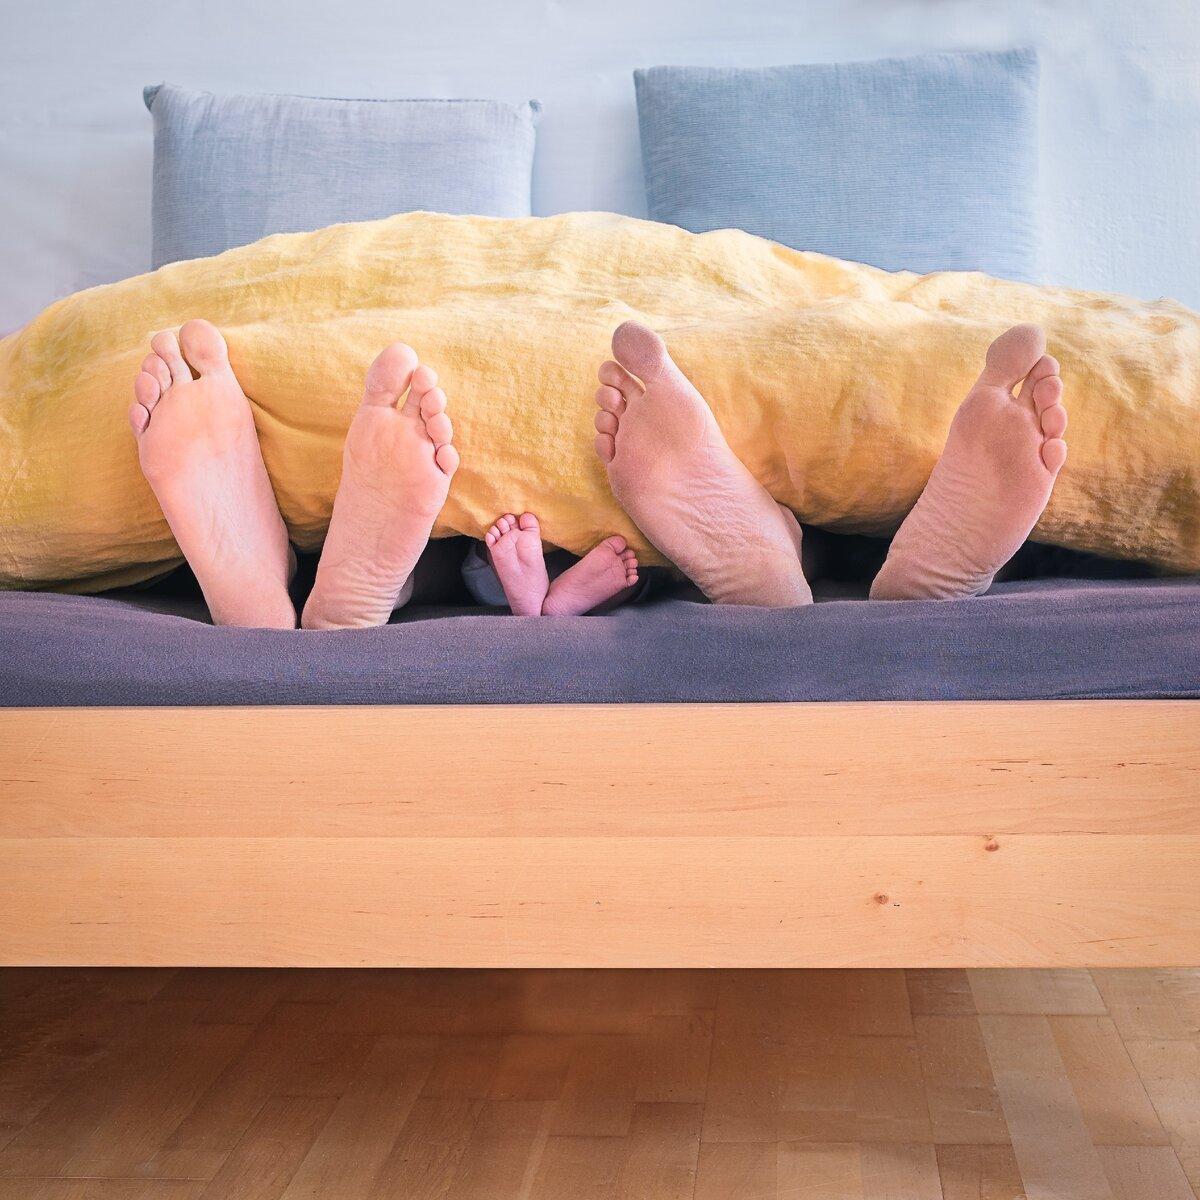 7 способов отучить ребенка от совместного сна с родителями